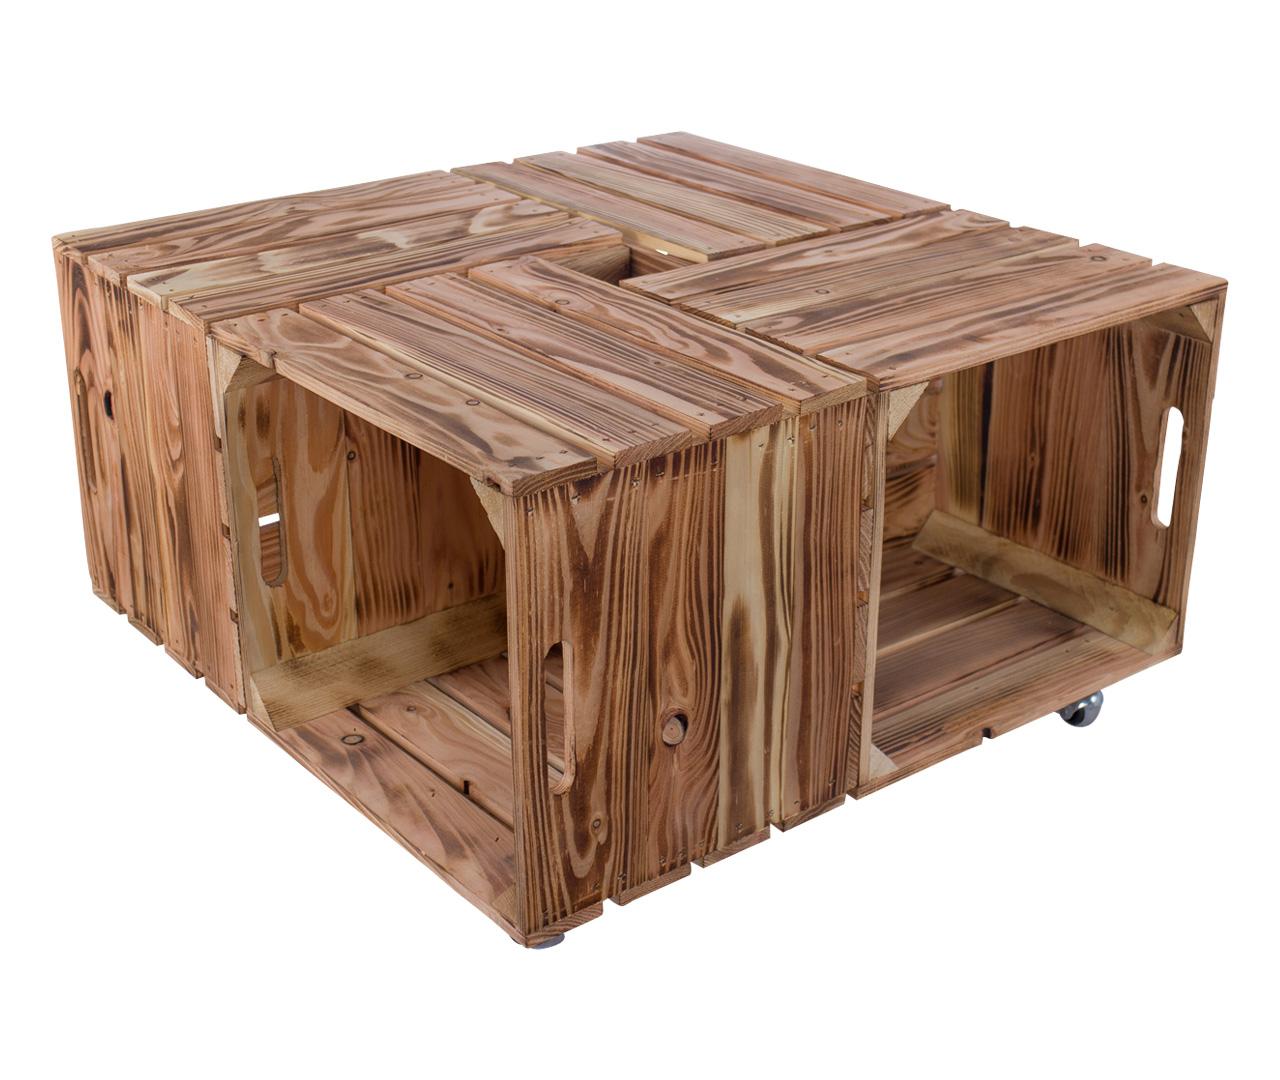 Couchtisch aus geflammten Holzkisten auf Rollen 85x85cm